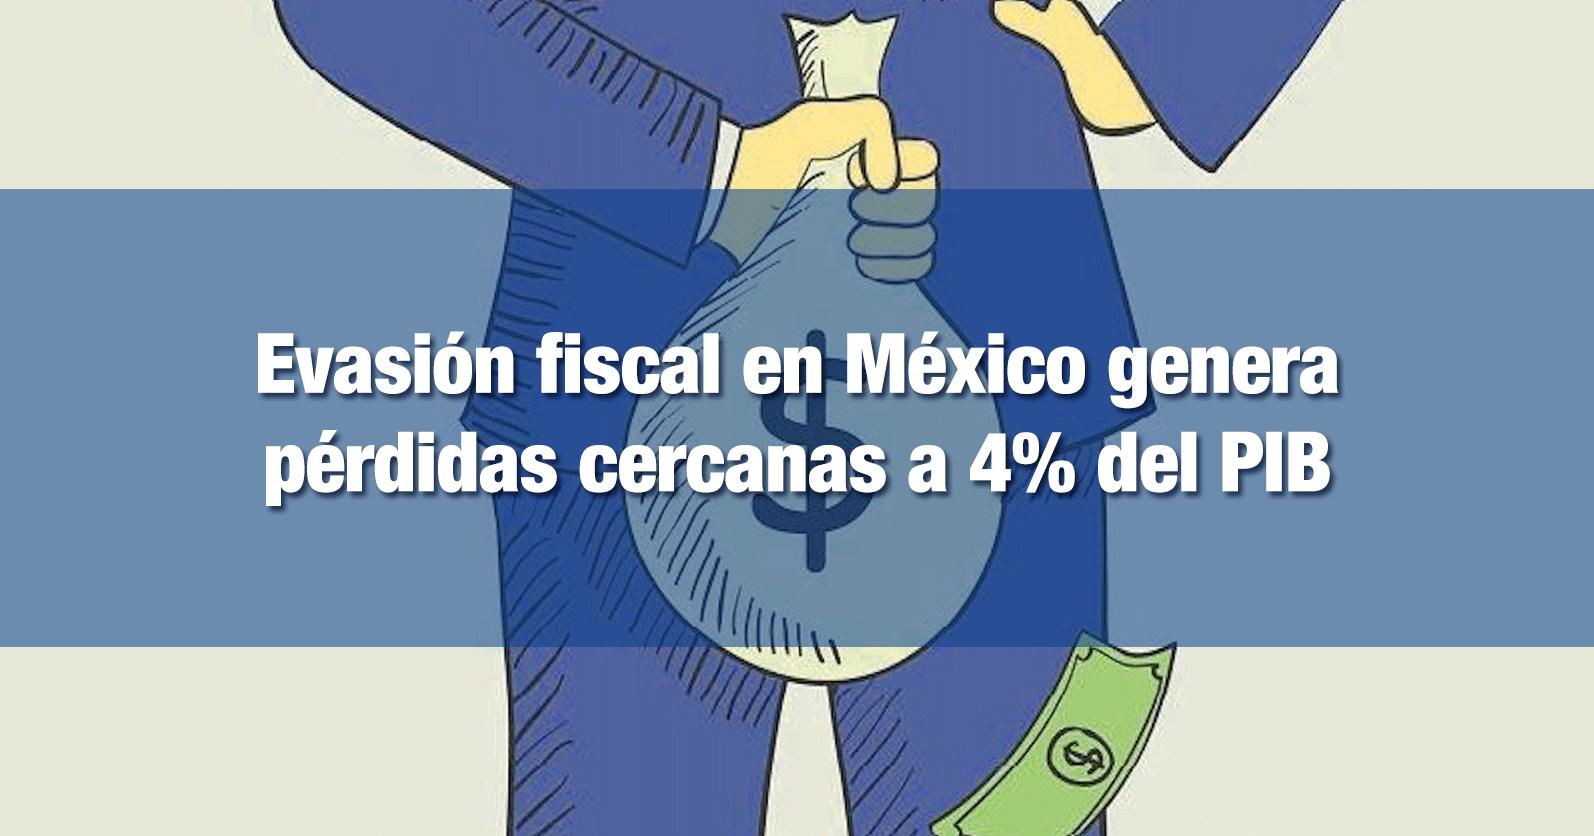 Evasión fiscal en México genera pérdidas cercanas a 4% del PIB